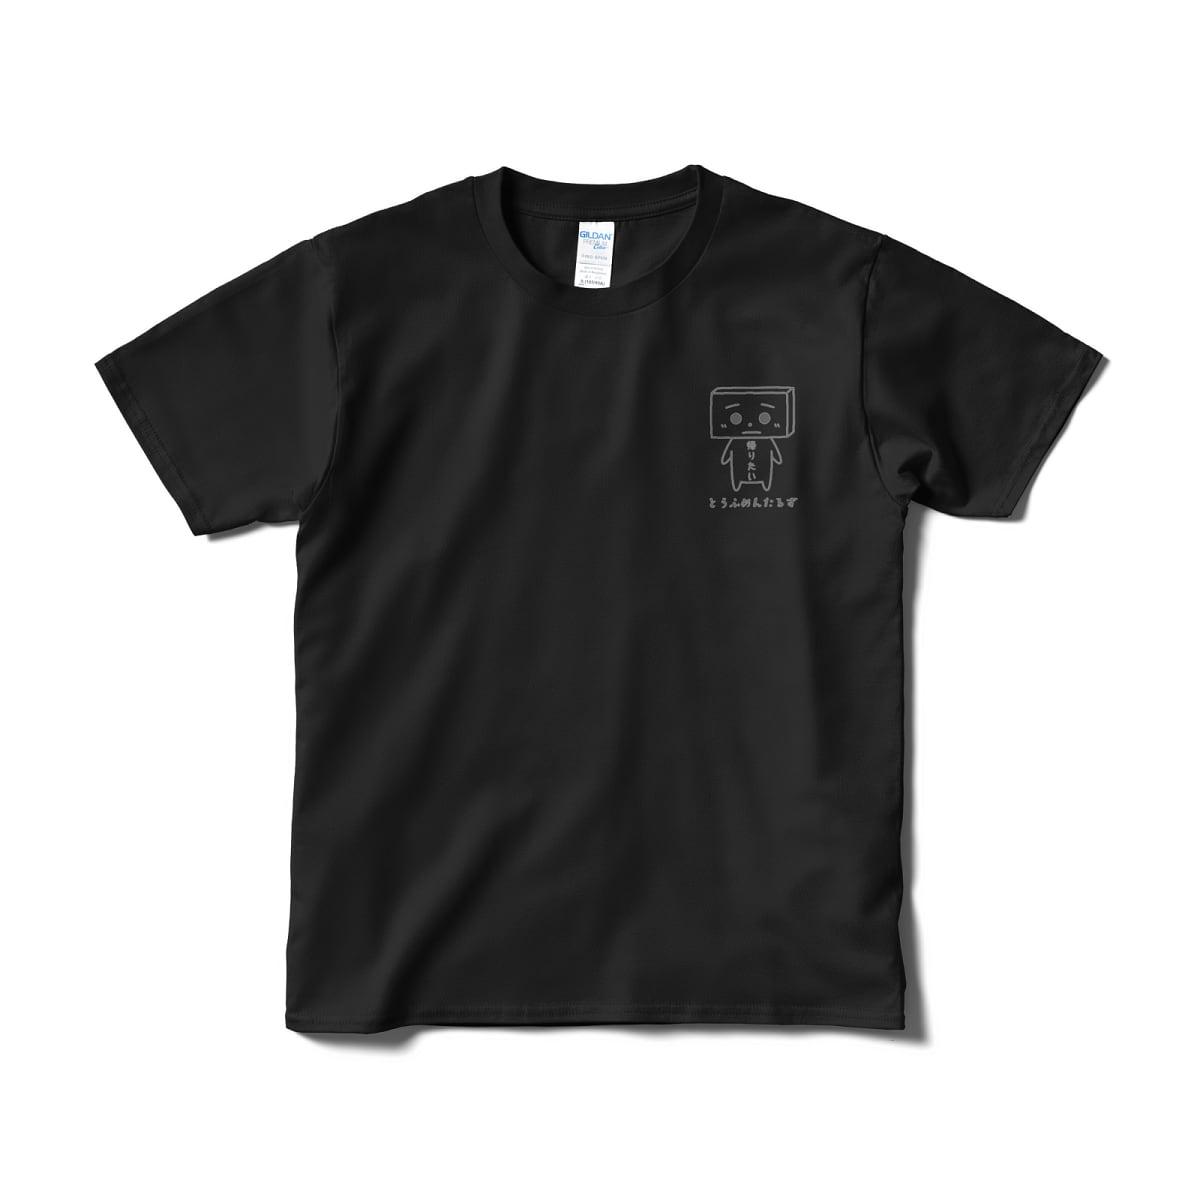 とうふめんたるずTシャツ(きぬごしくんver.3・黒)